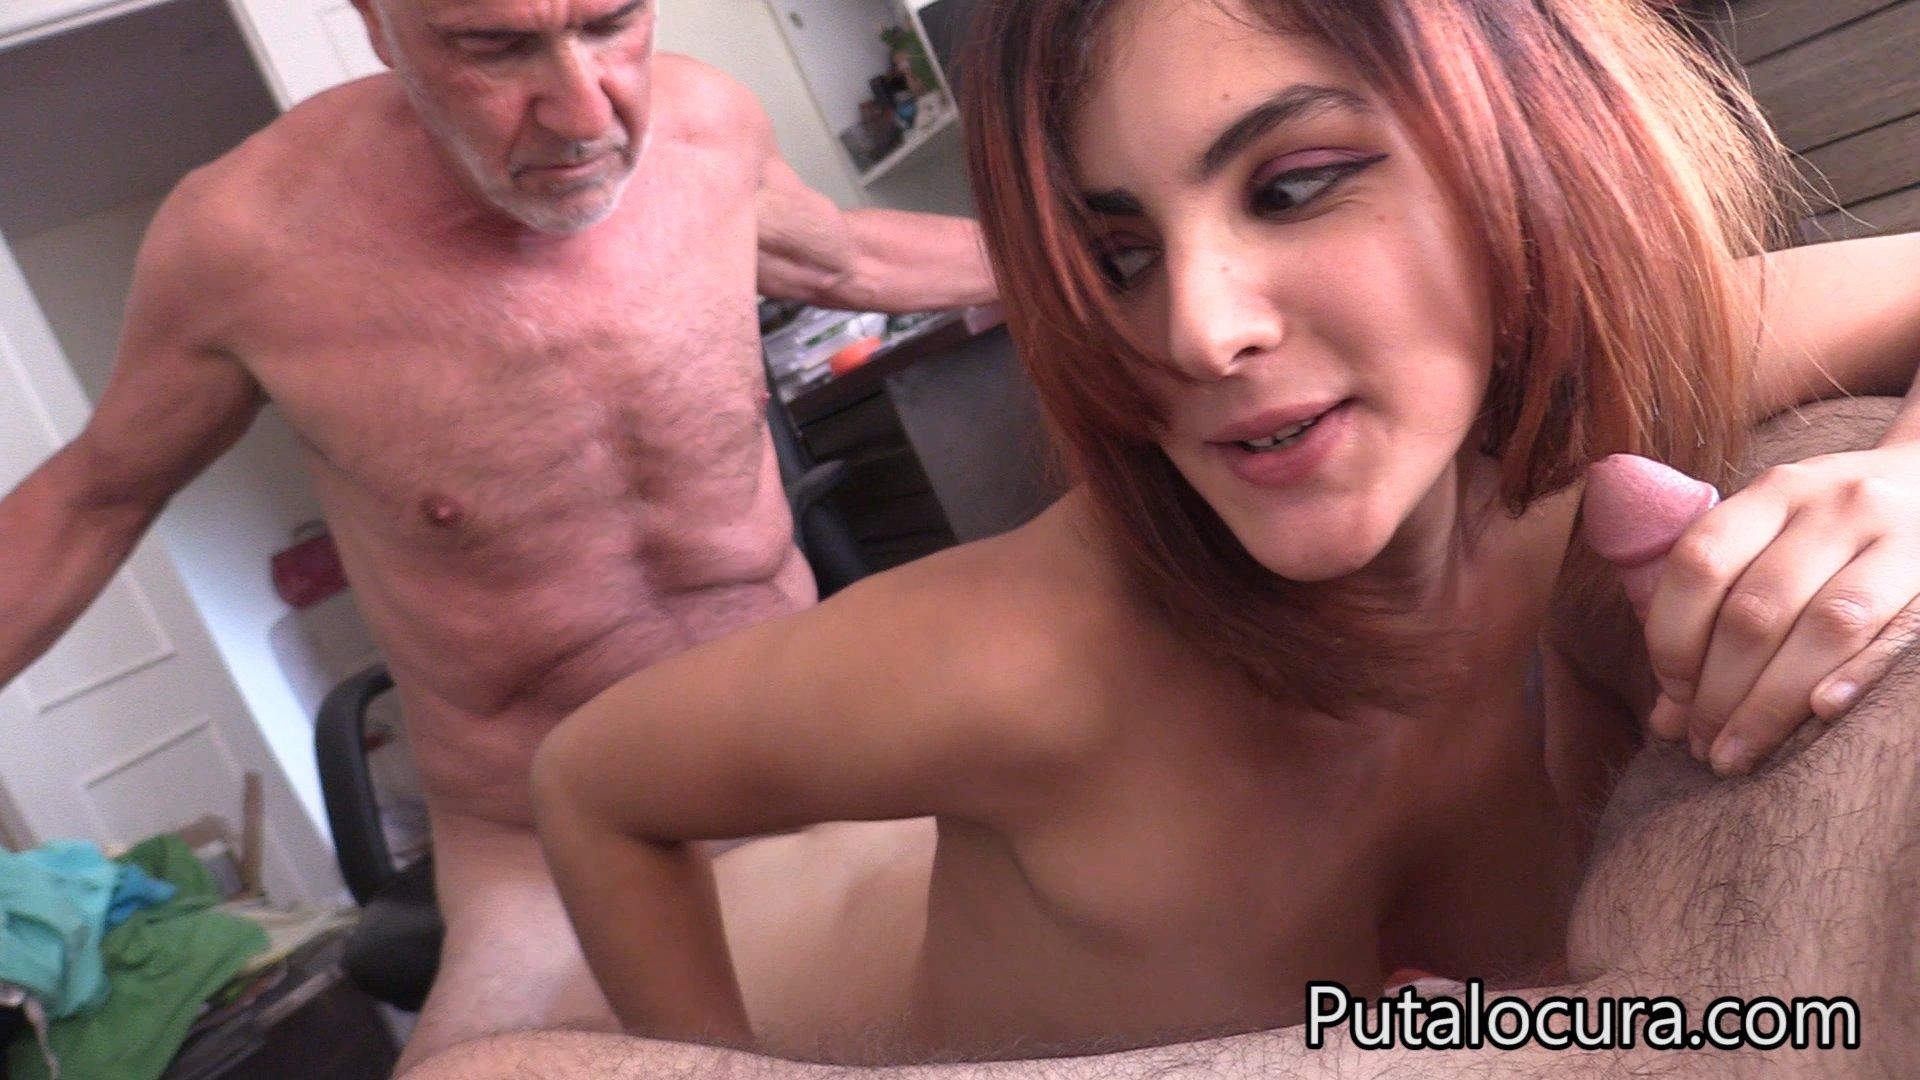 Putalocura: Claudia Sevilla Follando como zorra con torbe y un amigo viejo.